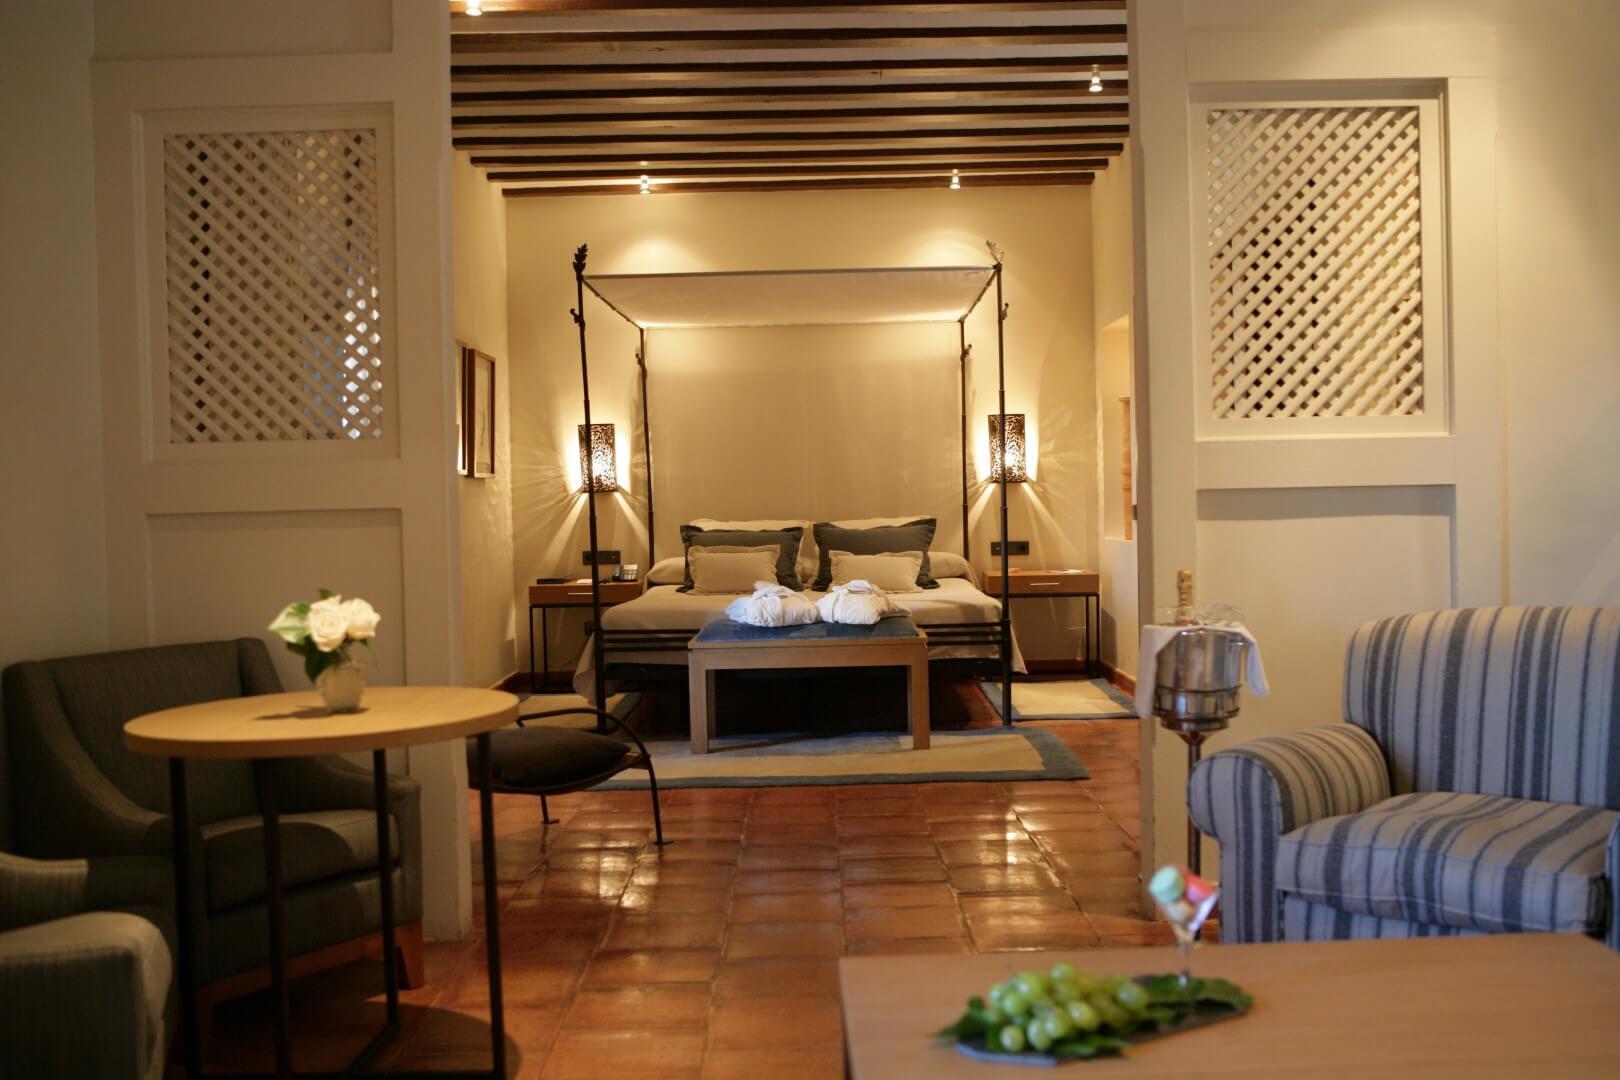 Parador de Chinchon 94 hab unica 122 habitación superior (Large)